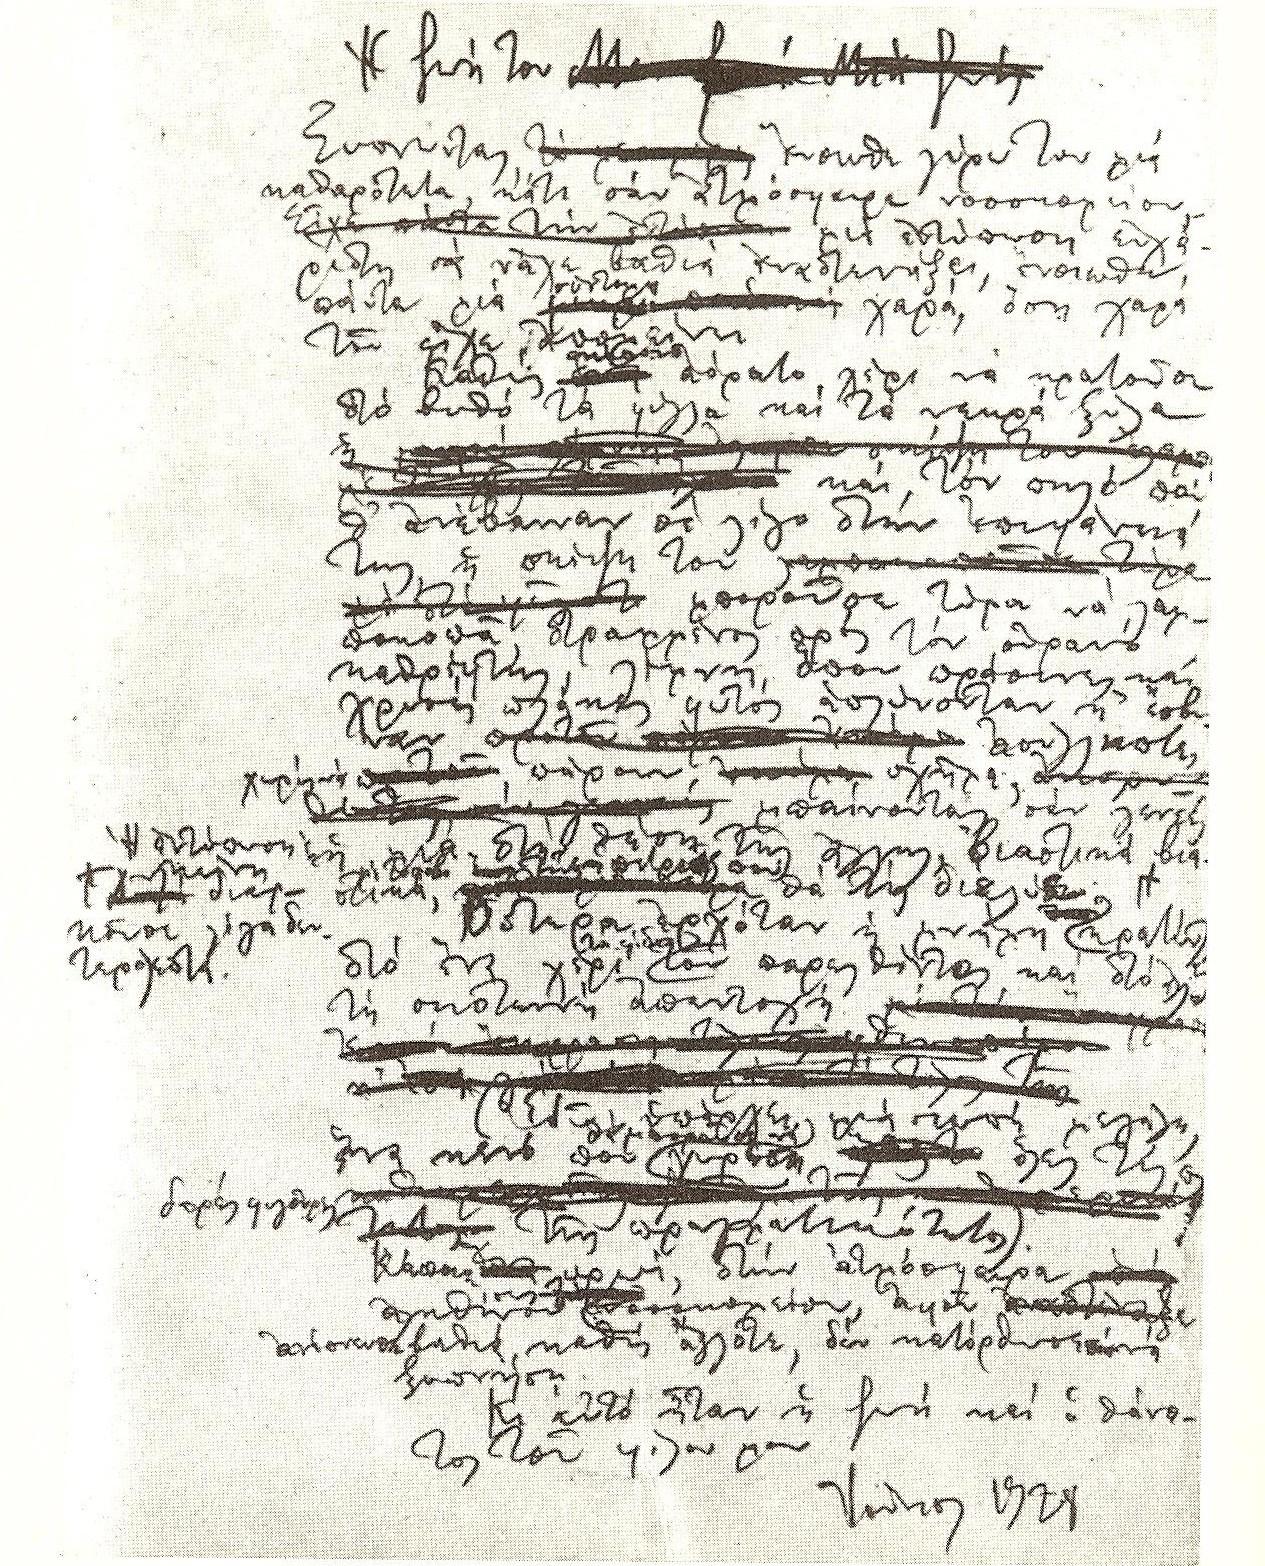 Το πρωτόγραφο μάλλον του «Η ζωή του». Το μόνο πεζό που ο Κ. δεν καθαρόγραψε. Γράφεται στην Πρέβεζα το τρίτο δεκαήμερο του Ιουνίου του 1928 - Φωτογραφία από το βιβλίο «Κώστας Καρυωτάκης Το Εγκώμιο της Φυγής»